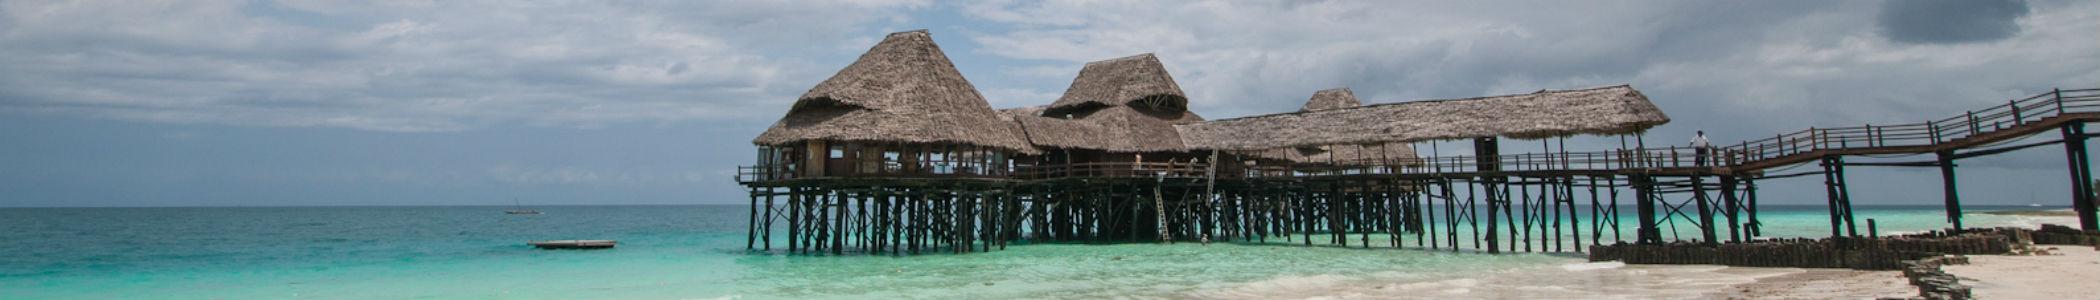 foto de Zanzibar — Wikivoyage, le guide de voyage et de tourisme ...